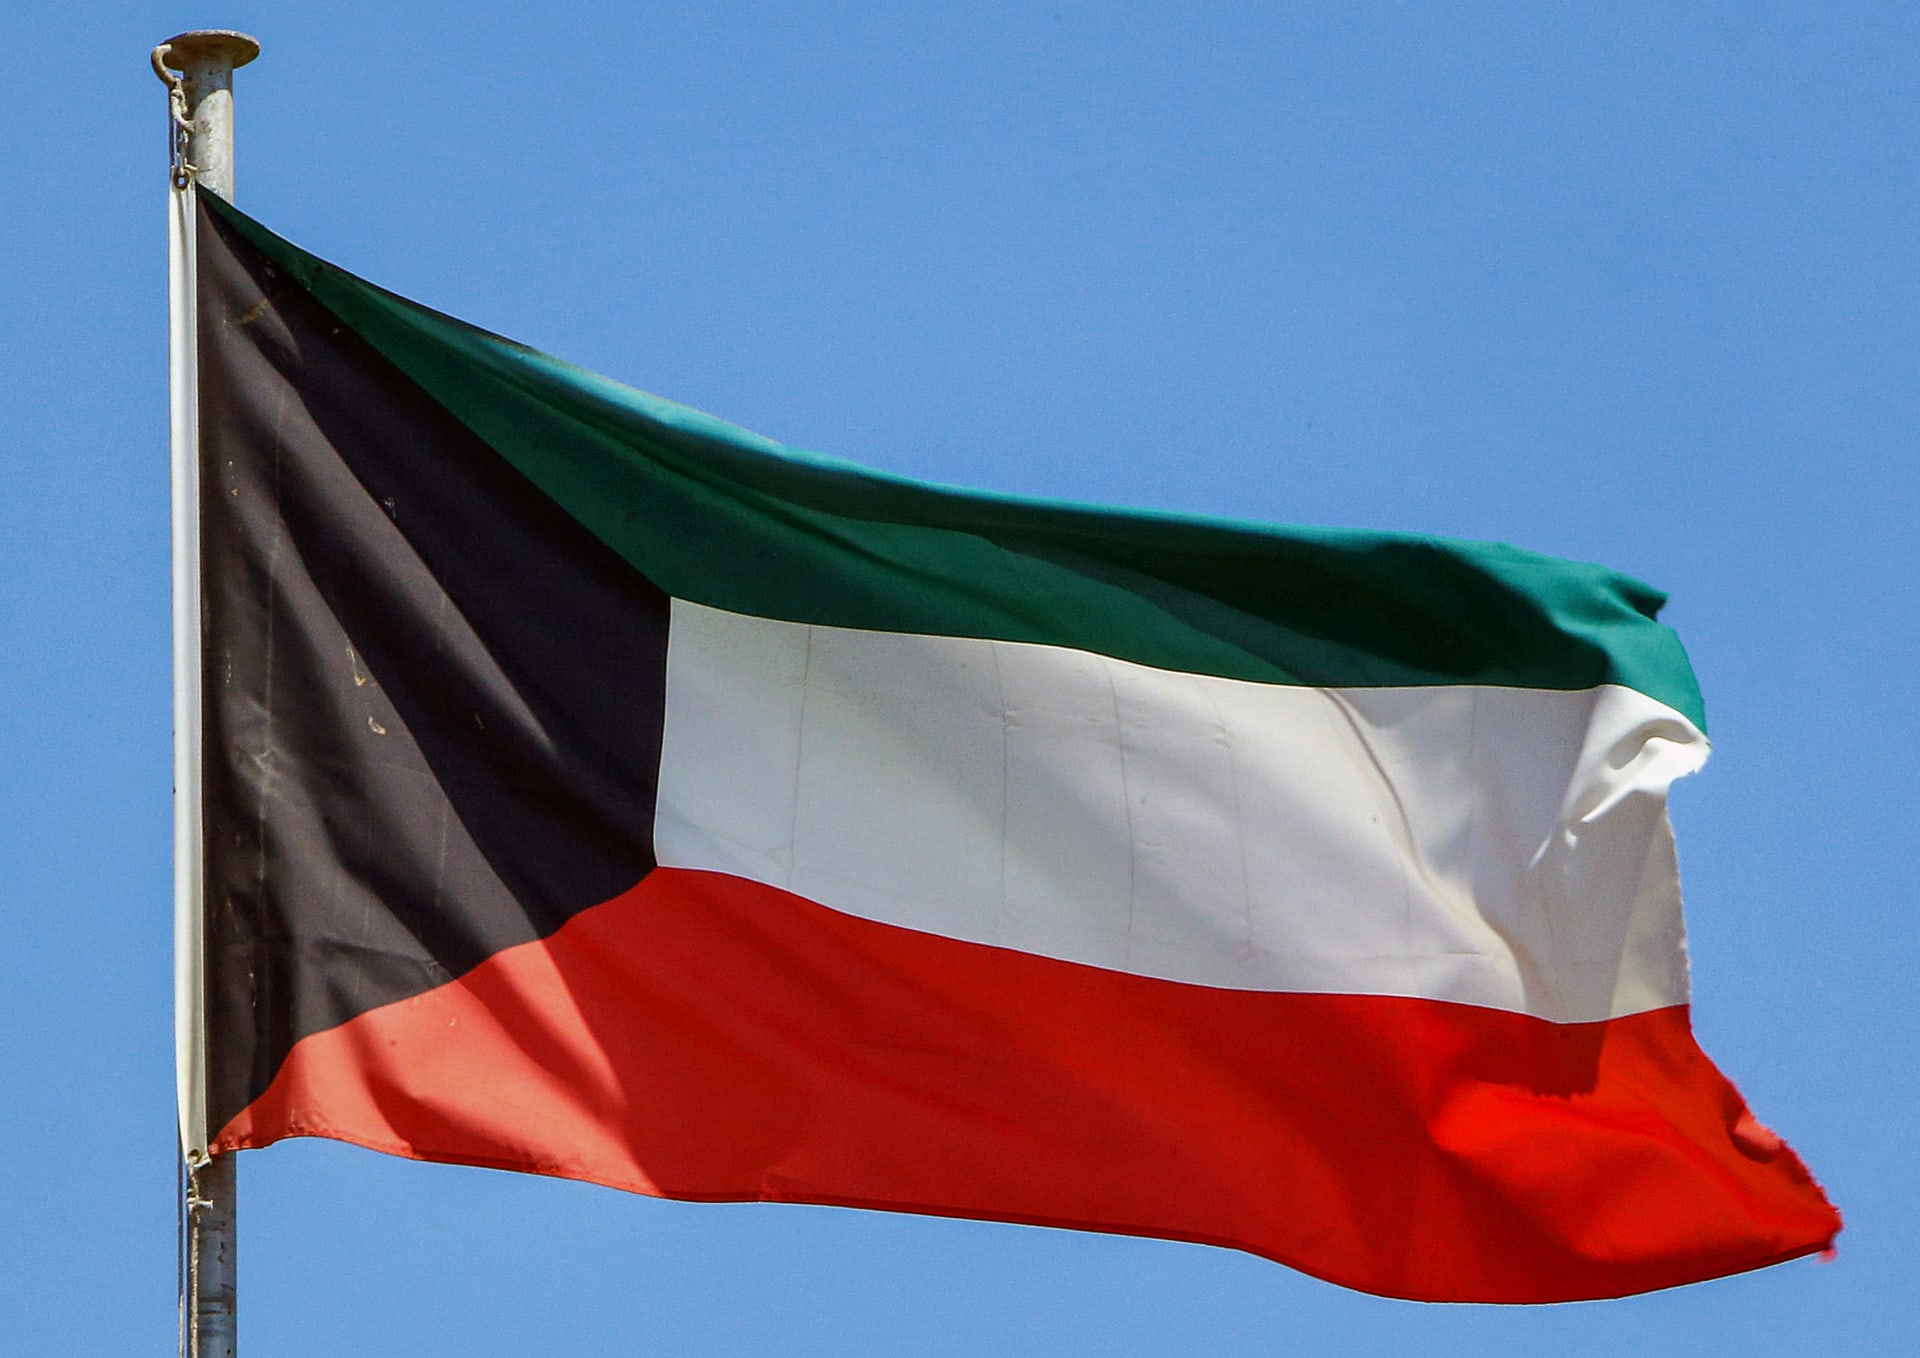 مجلس الأمن يبحث اليوم قضية المفقودين الكويتيين